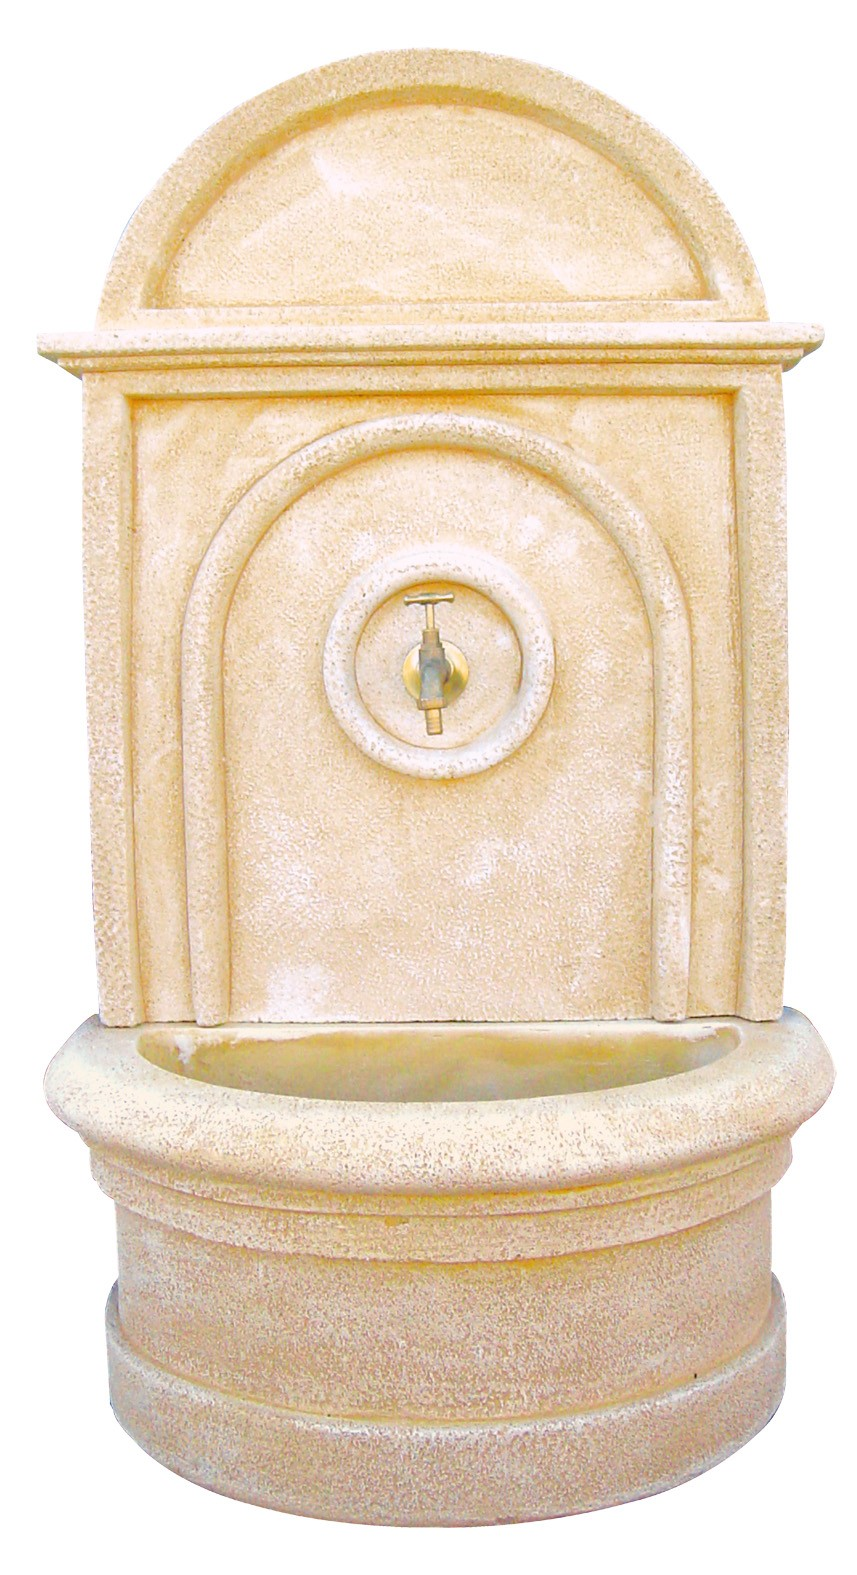 Compra tu fuente de pared fontana por s lo 150 00 for Fuentes de piedra artificial